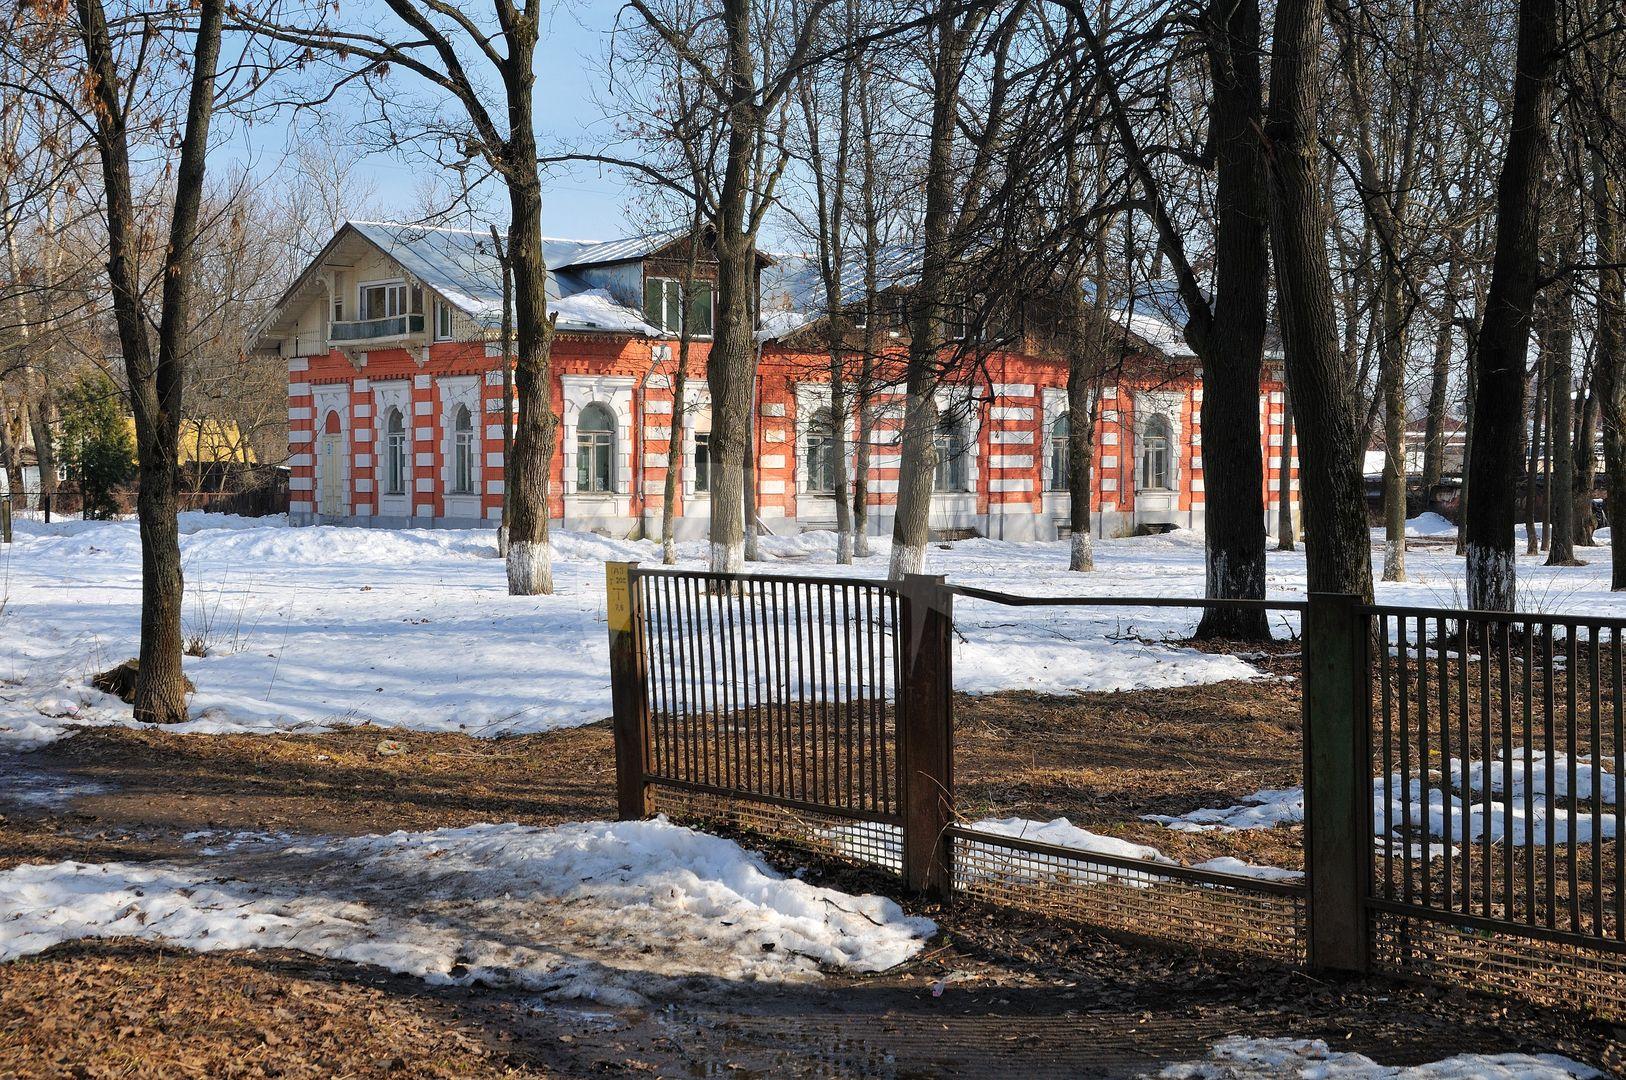 Дом жилой, рубеж XIX-ХХвв., усадьба «Лапино-Спасское»